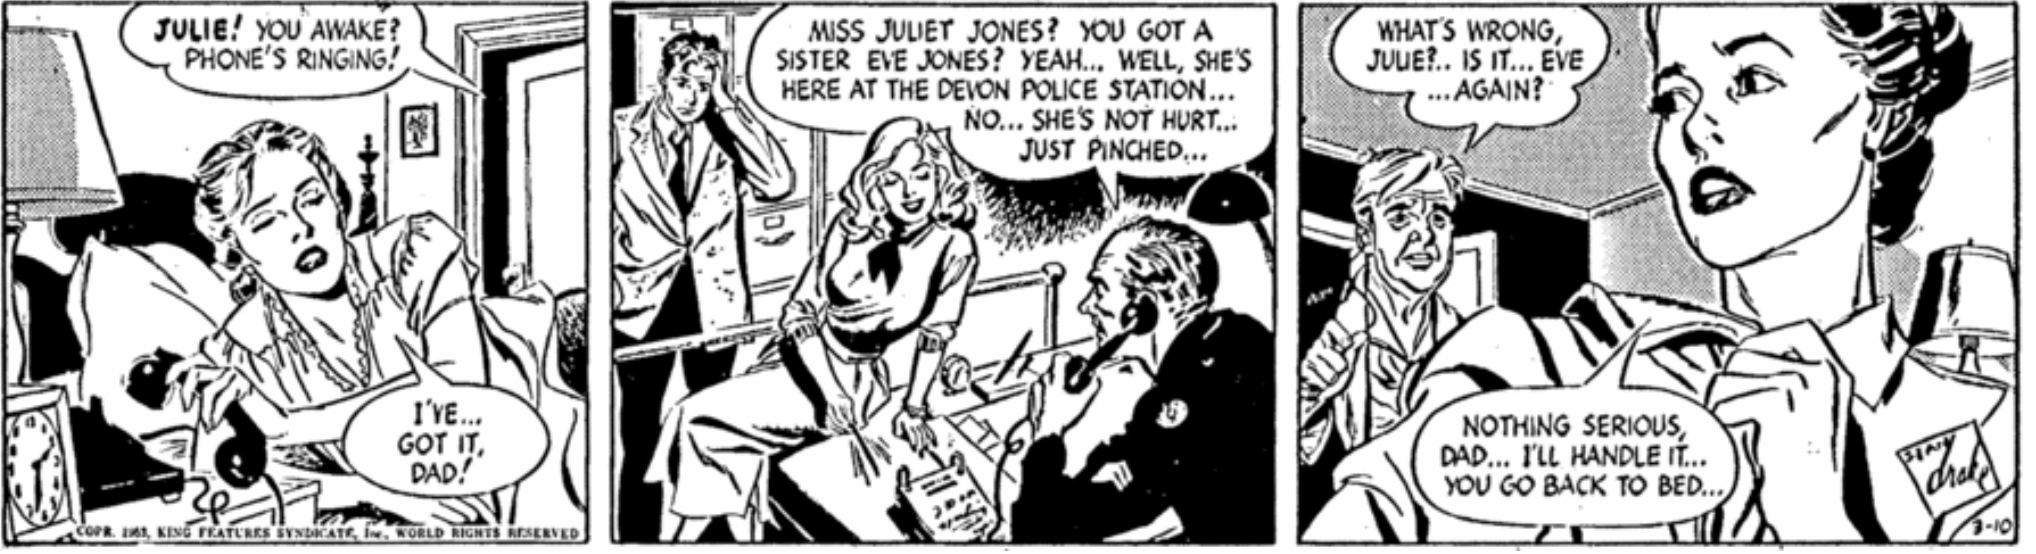 En dagsstripp med The Heart of Juliet Jones från 10 mars 1953. ©KFS